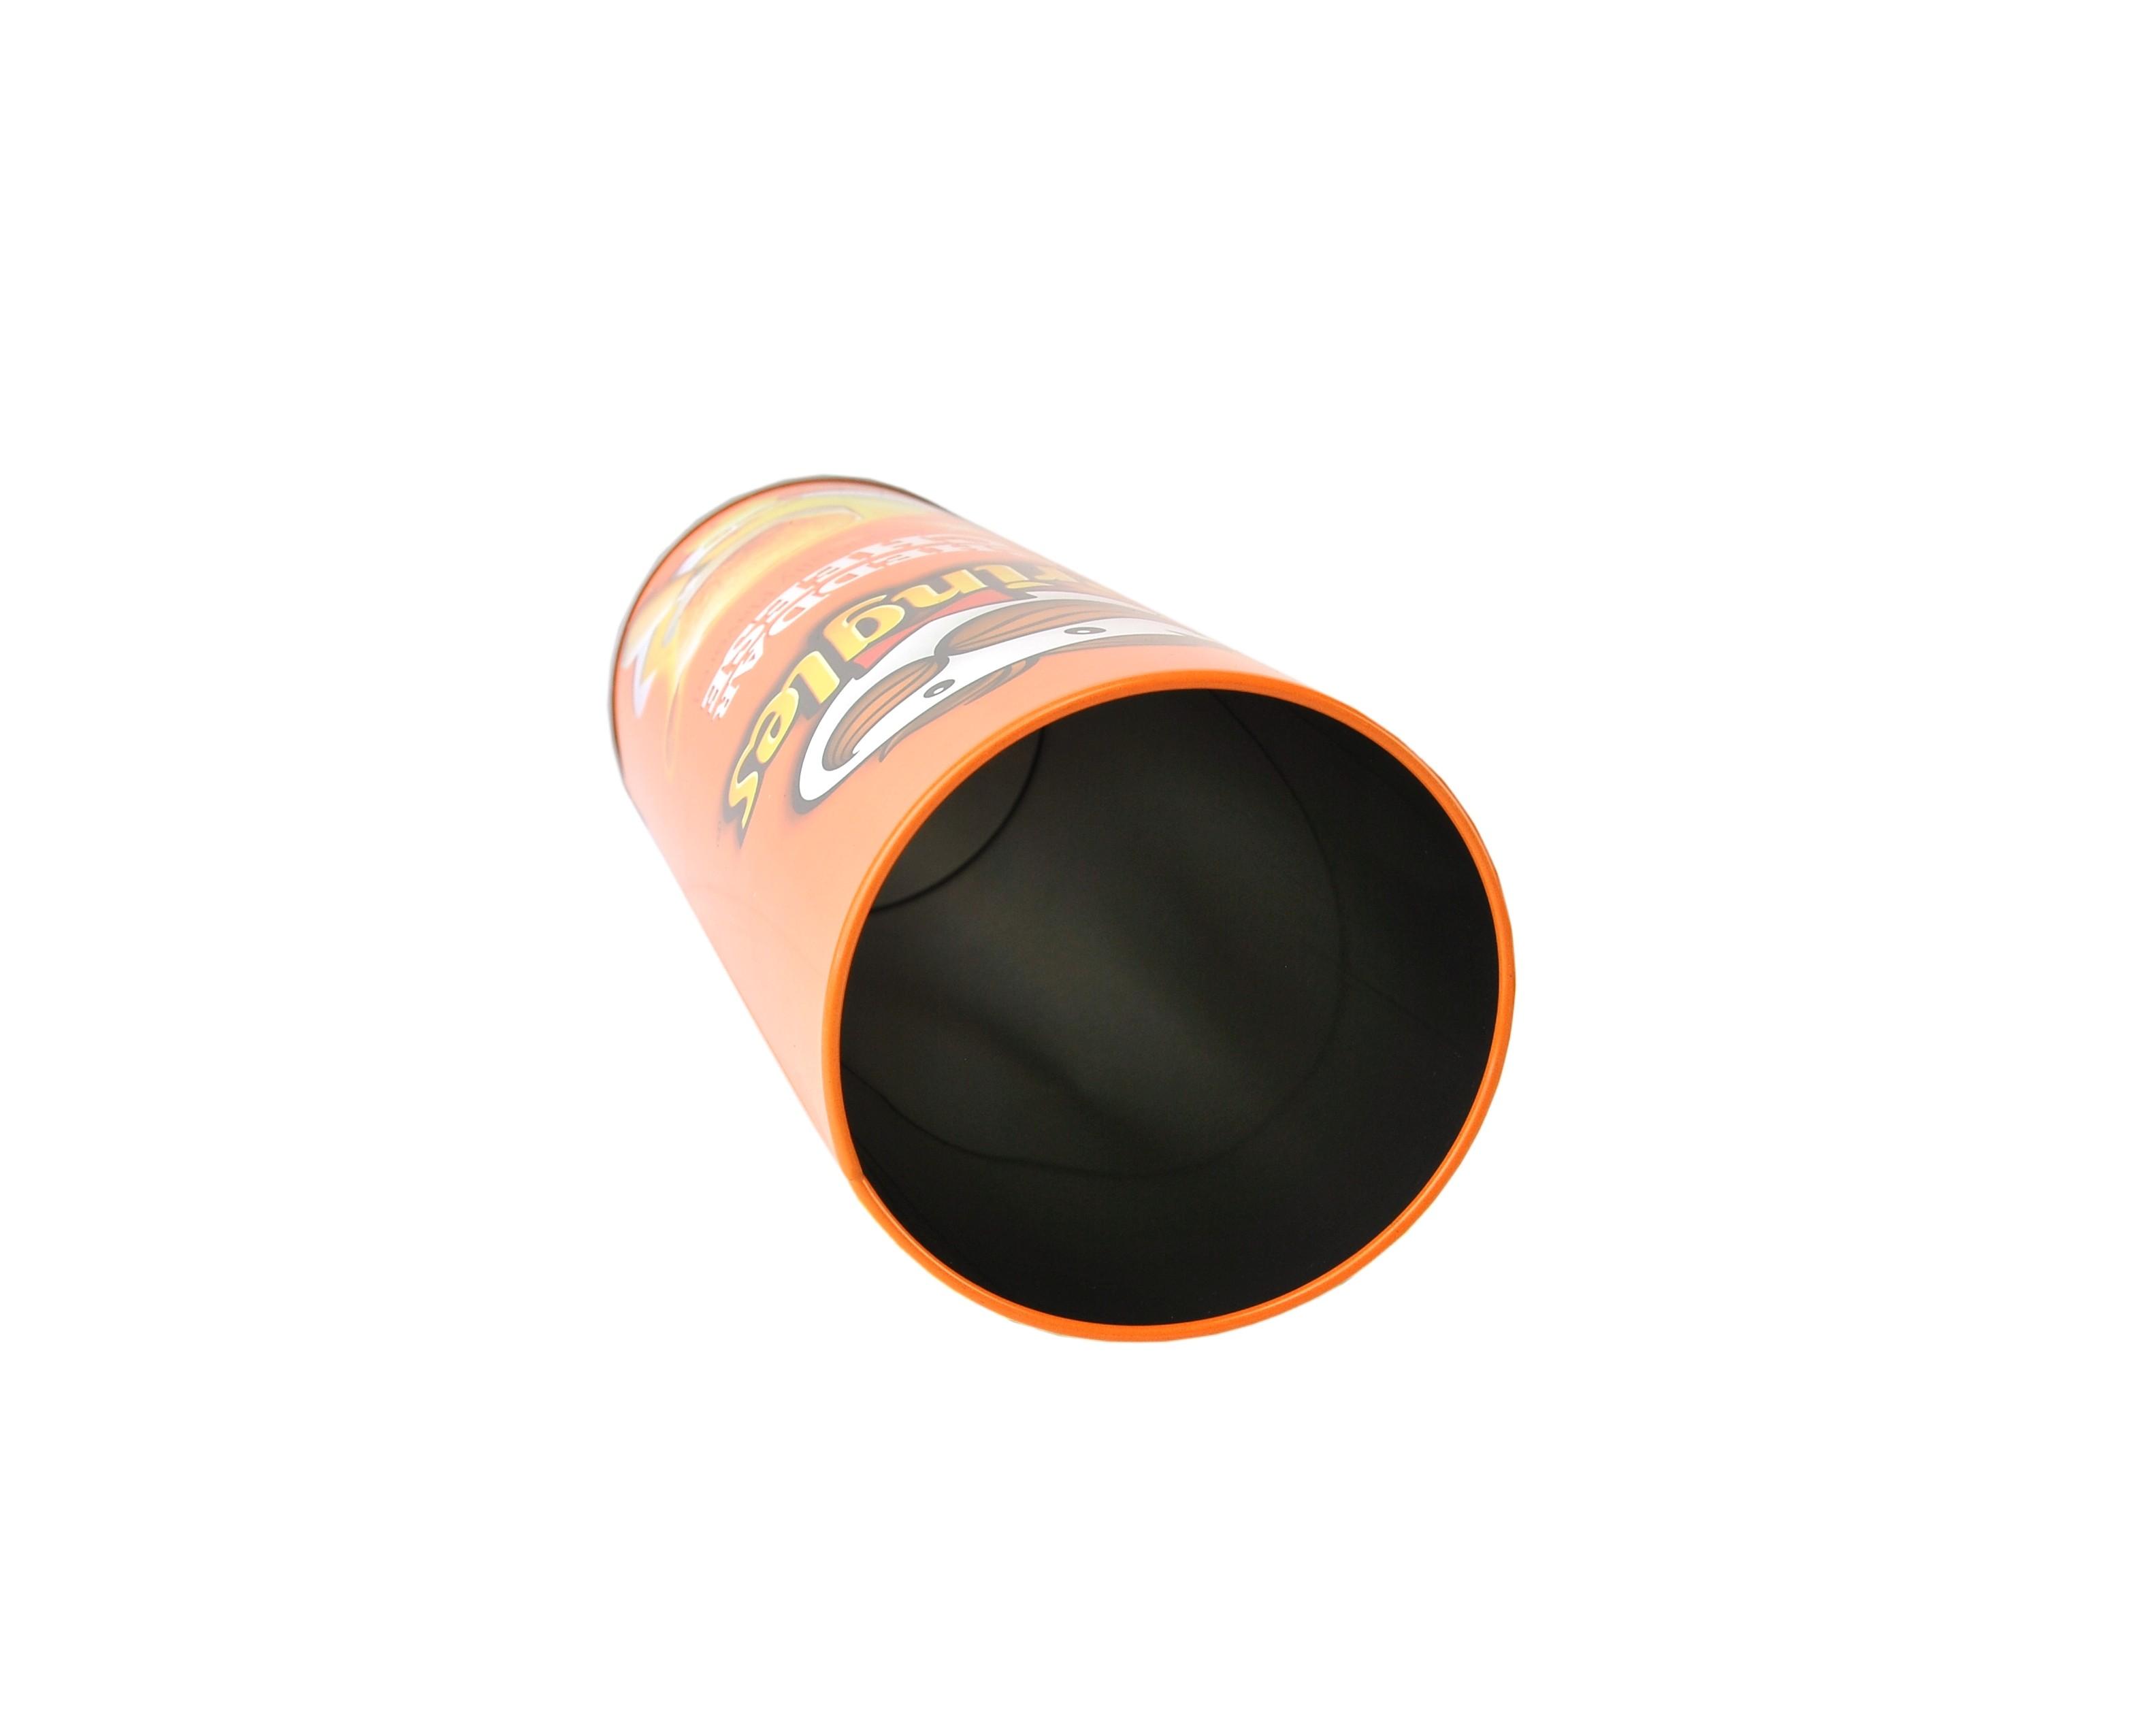 orangene pringles metalldose mit deckel im cheddar cheese motiv einmachen und aufbewahren. Black Bedroom Furniture Sets. Home Design Ideas